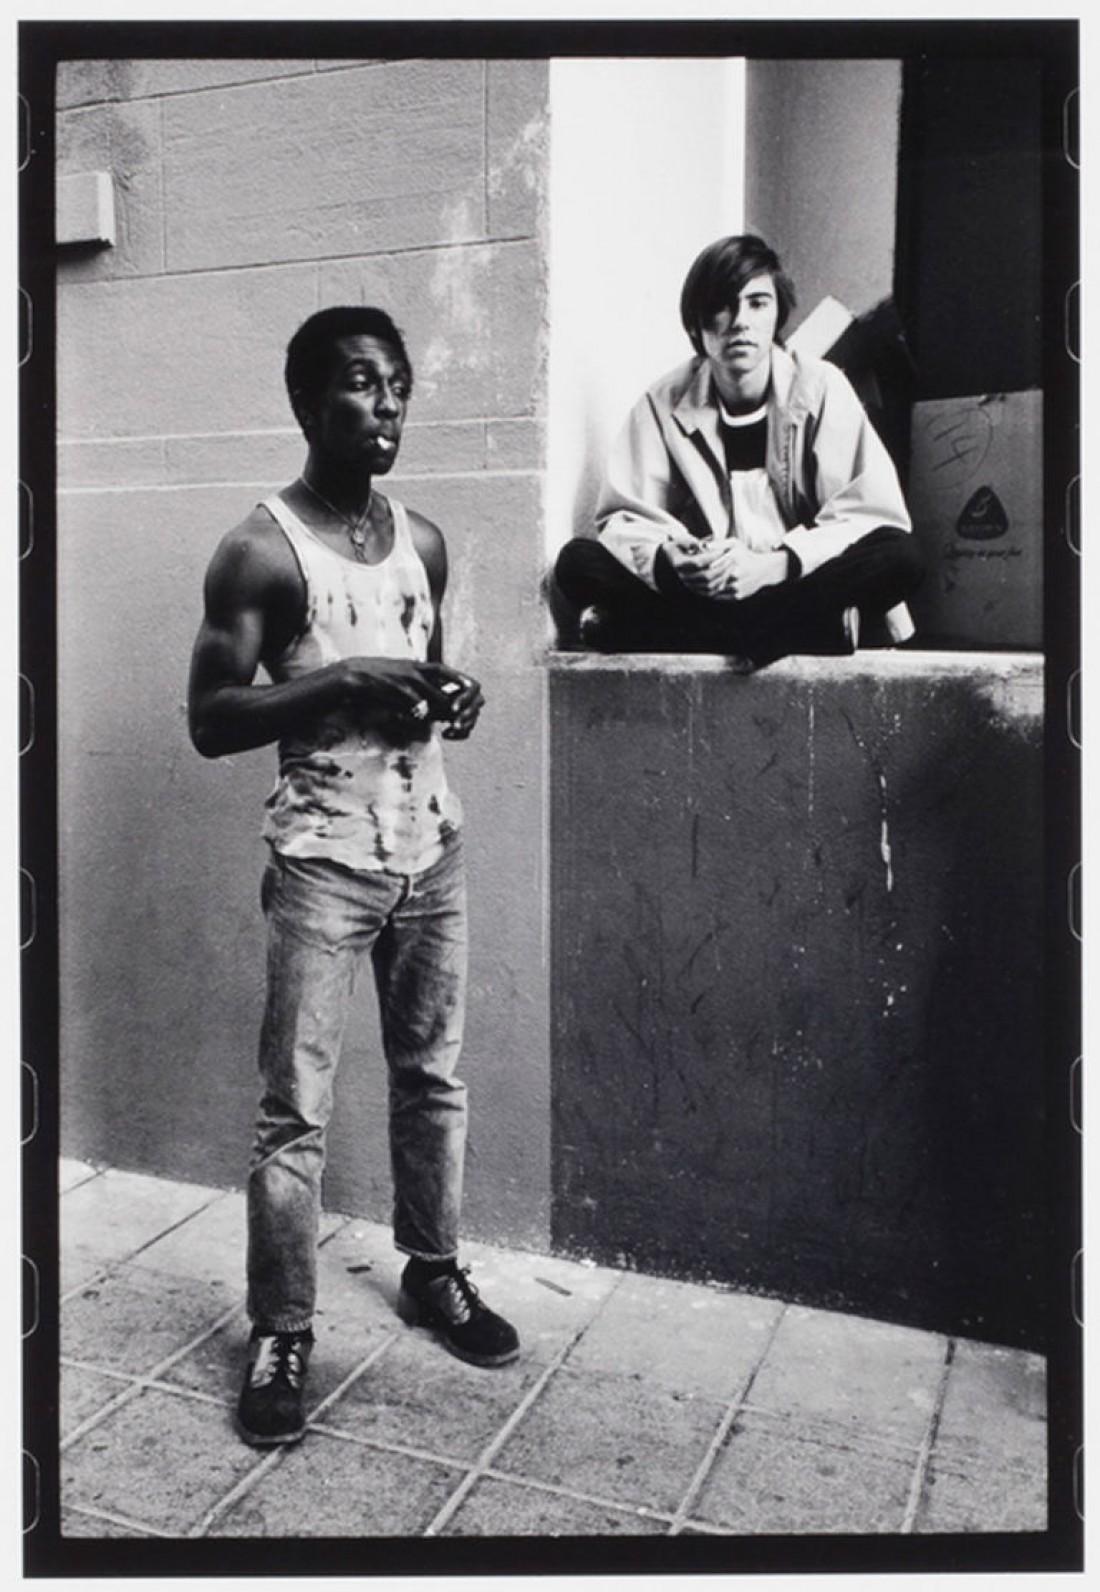 Жиголо, Сельма-авеню, Голливуд, 1971 год